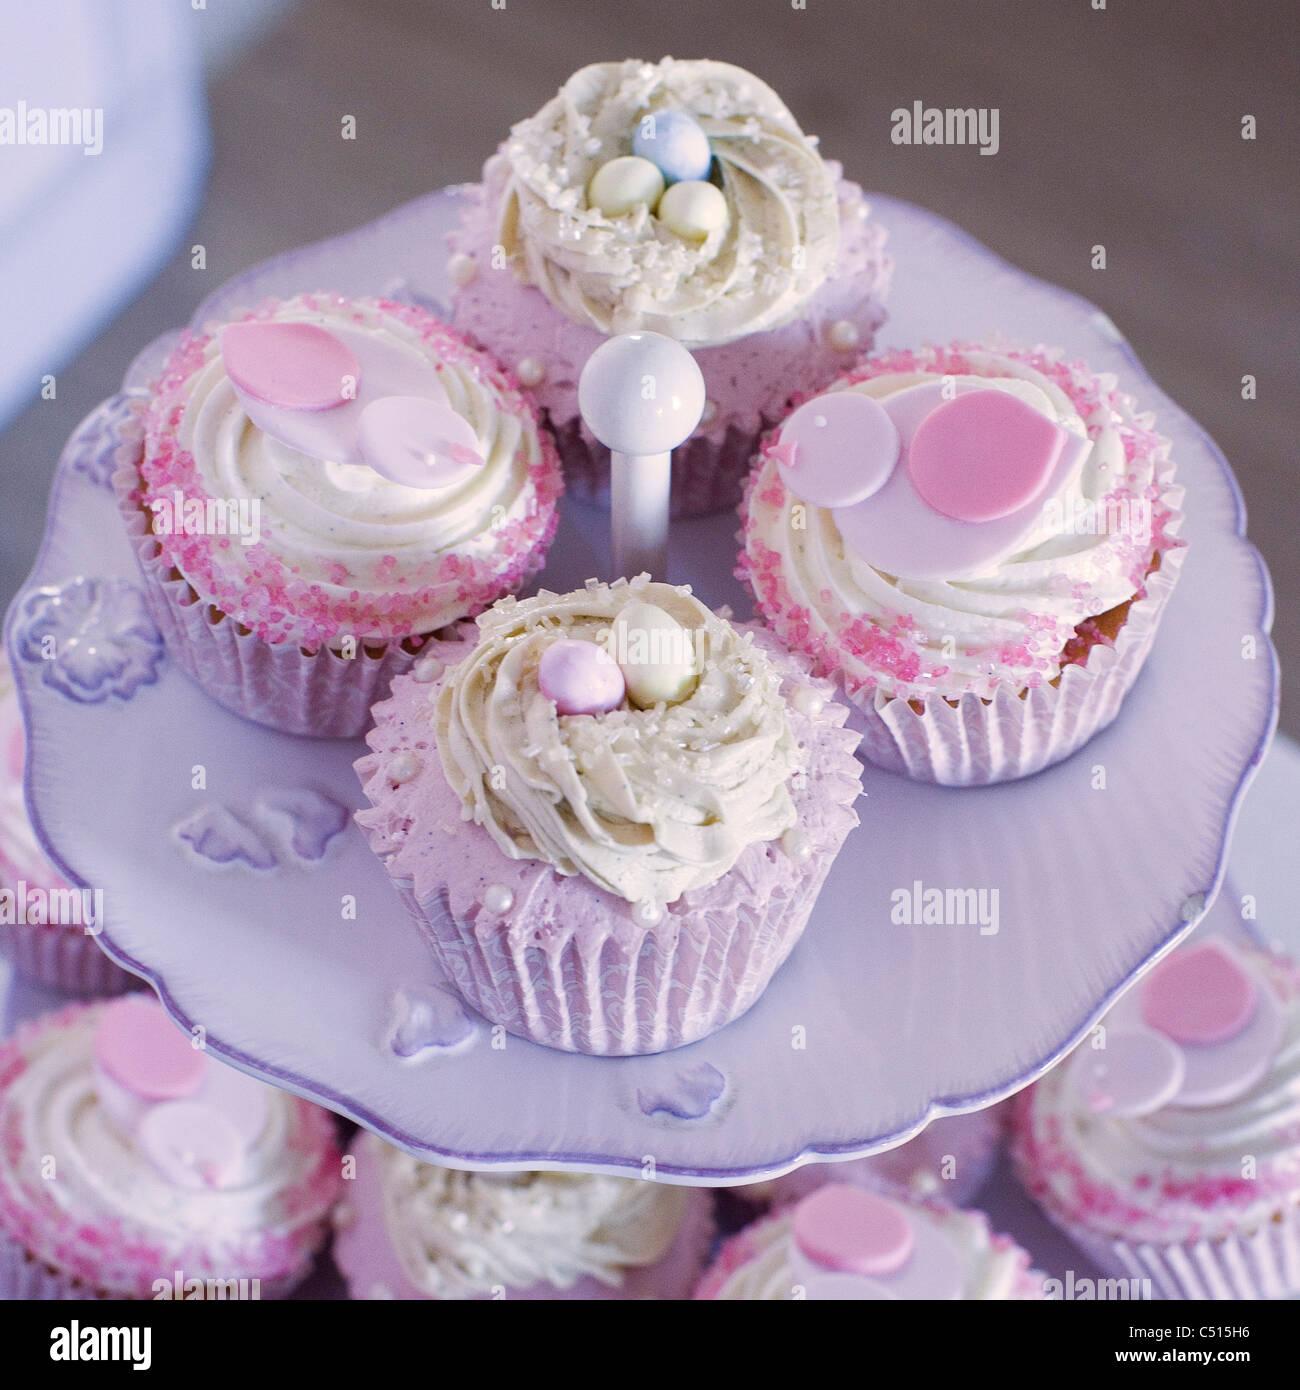 Hochzeit Cupcakes Stockfotos Hochzeit Cupcakes Bilder Alamy